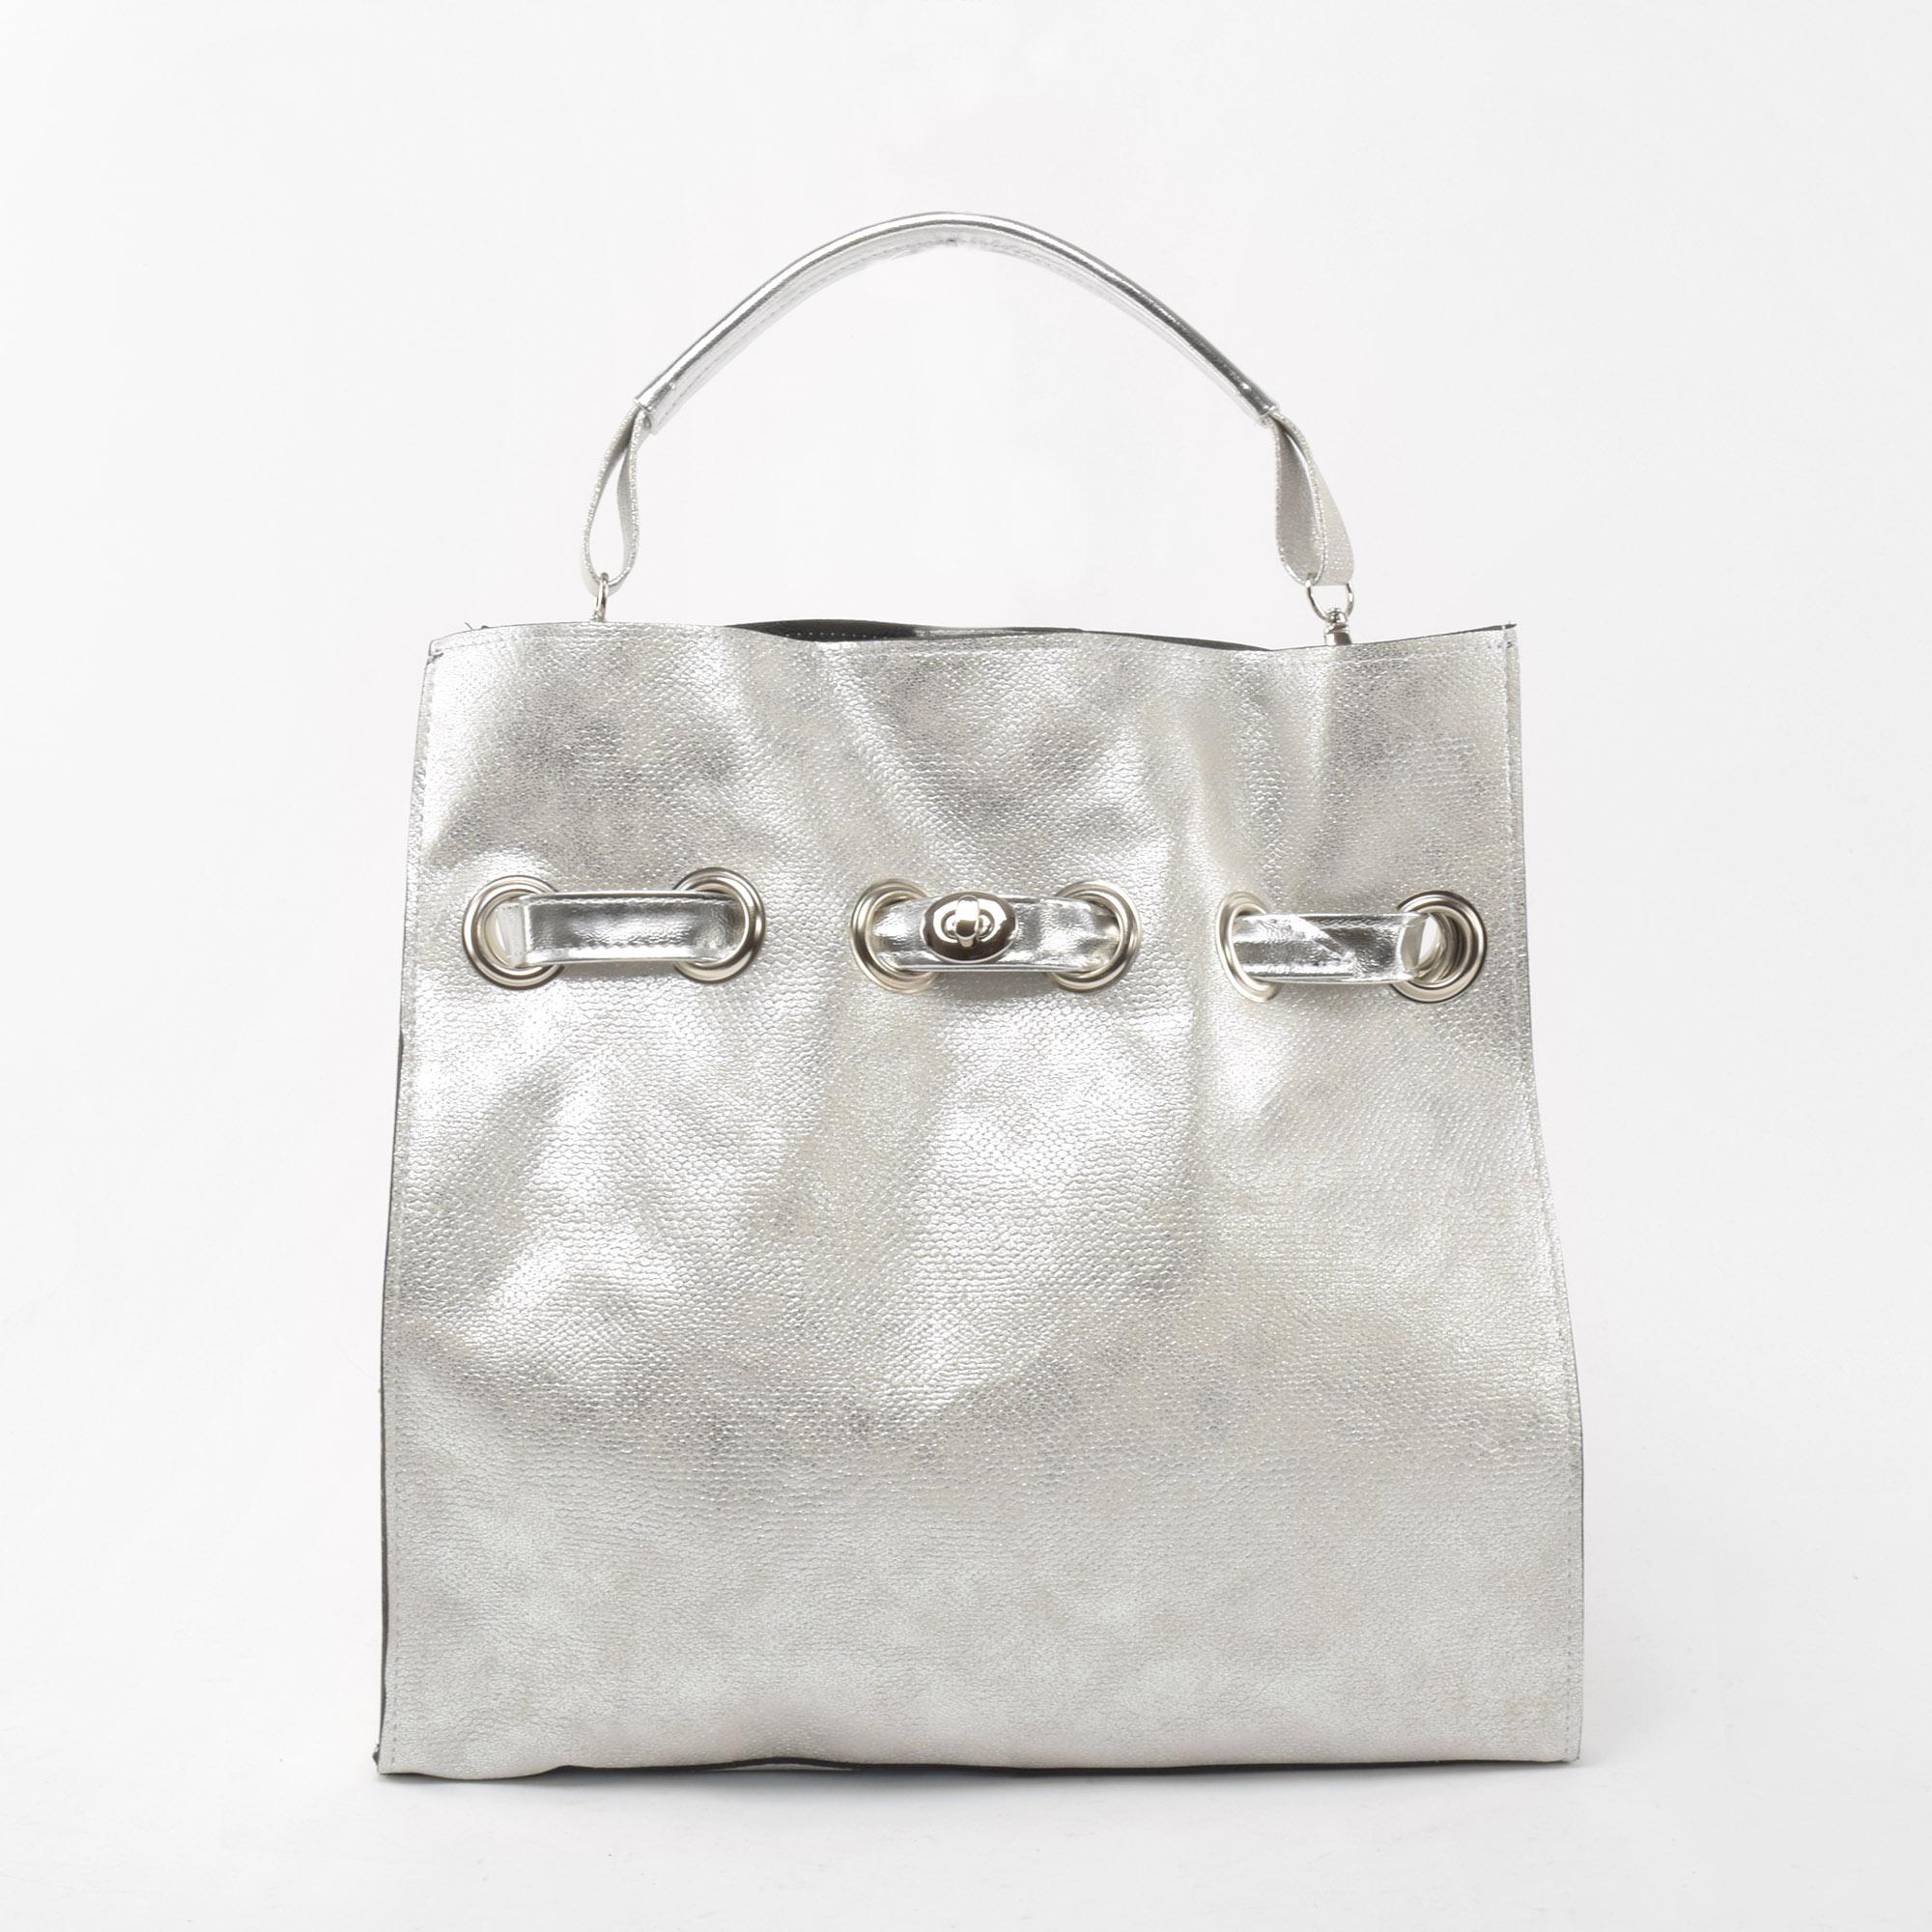 d6b2bf52e21a Prestige Női Ezüst Kígyóbőr mintás válltáska - Válltáskák - Táska webáruház  - Minőségi táskák mindenkinek